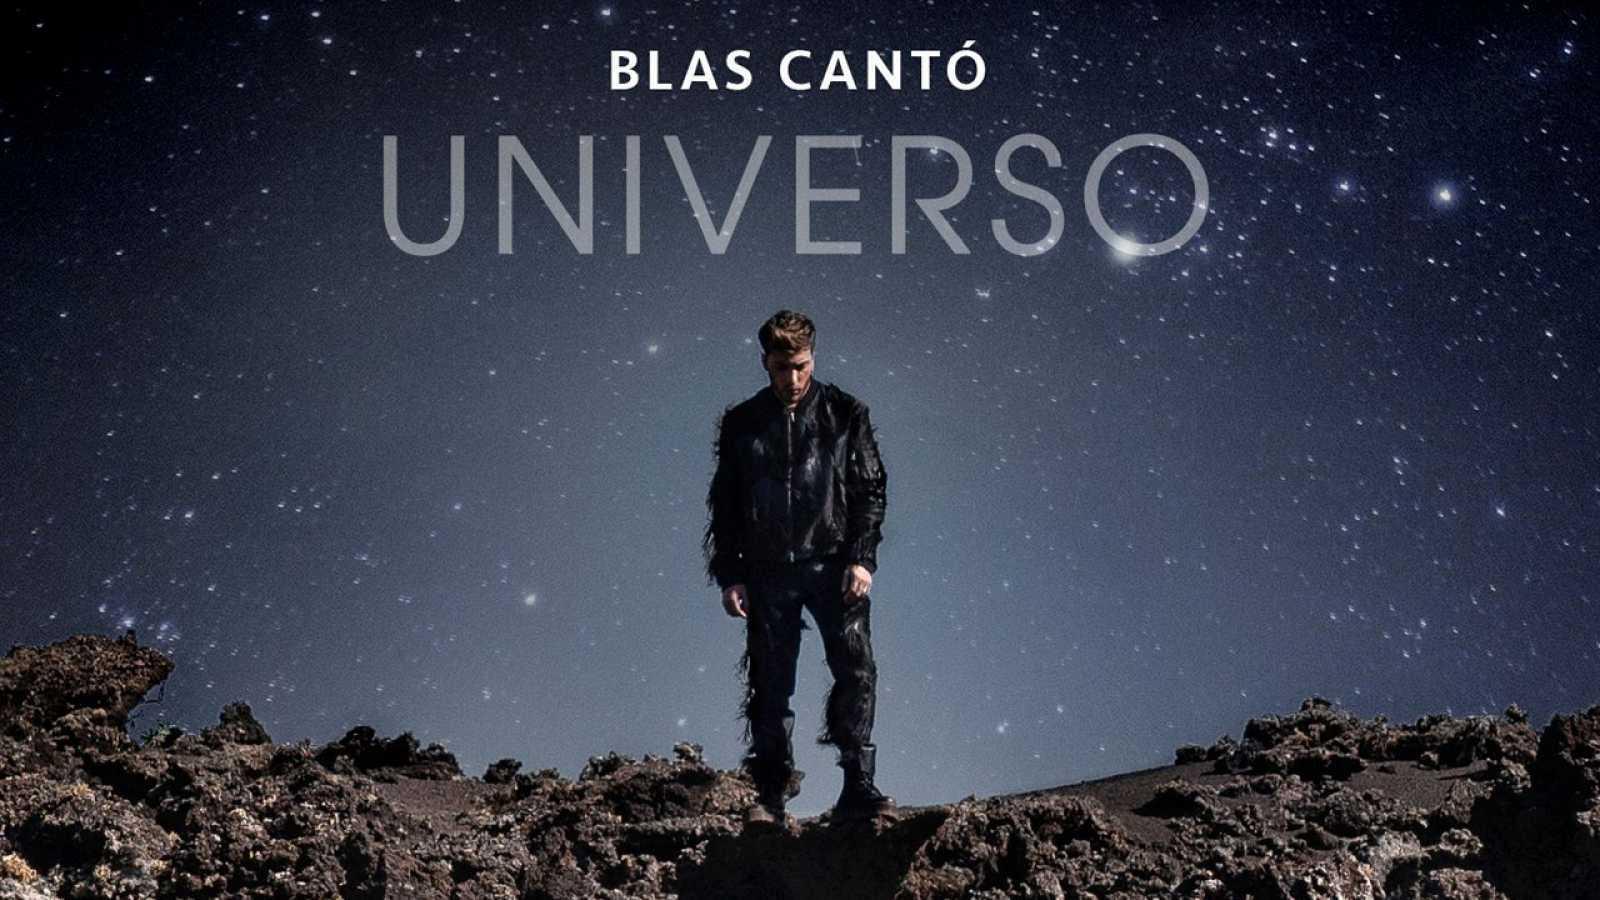 Hablamos con Blas Cantó de 'Universo', la canción que nos representará en Eurovisión 2020